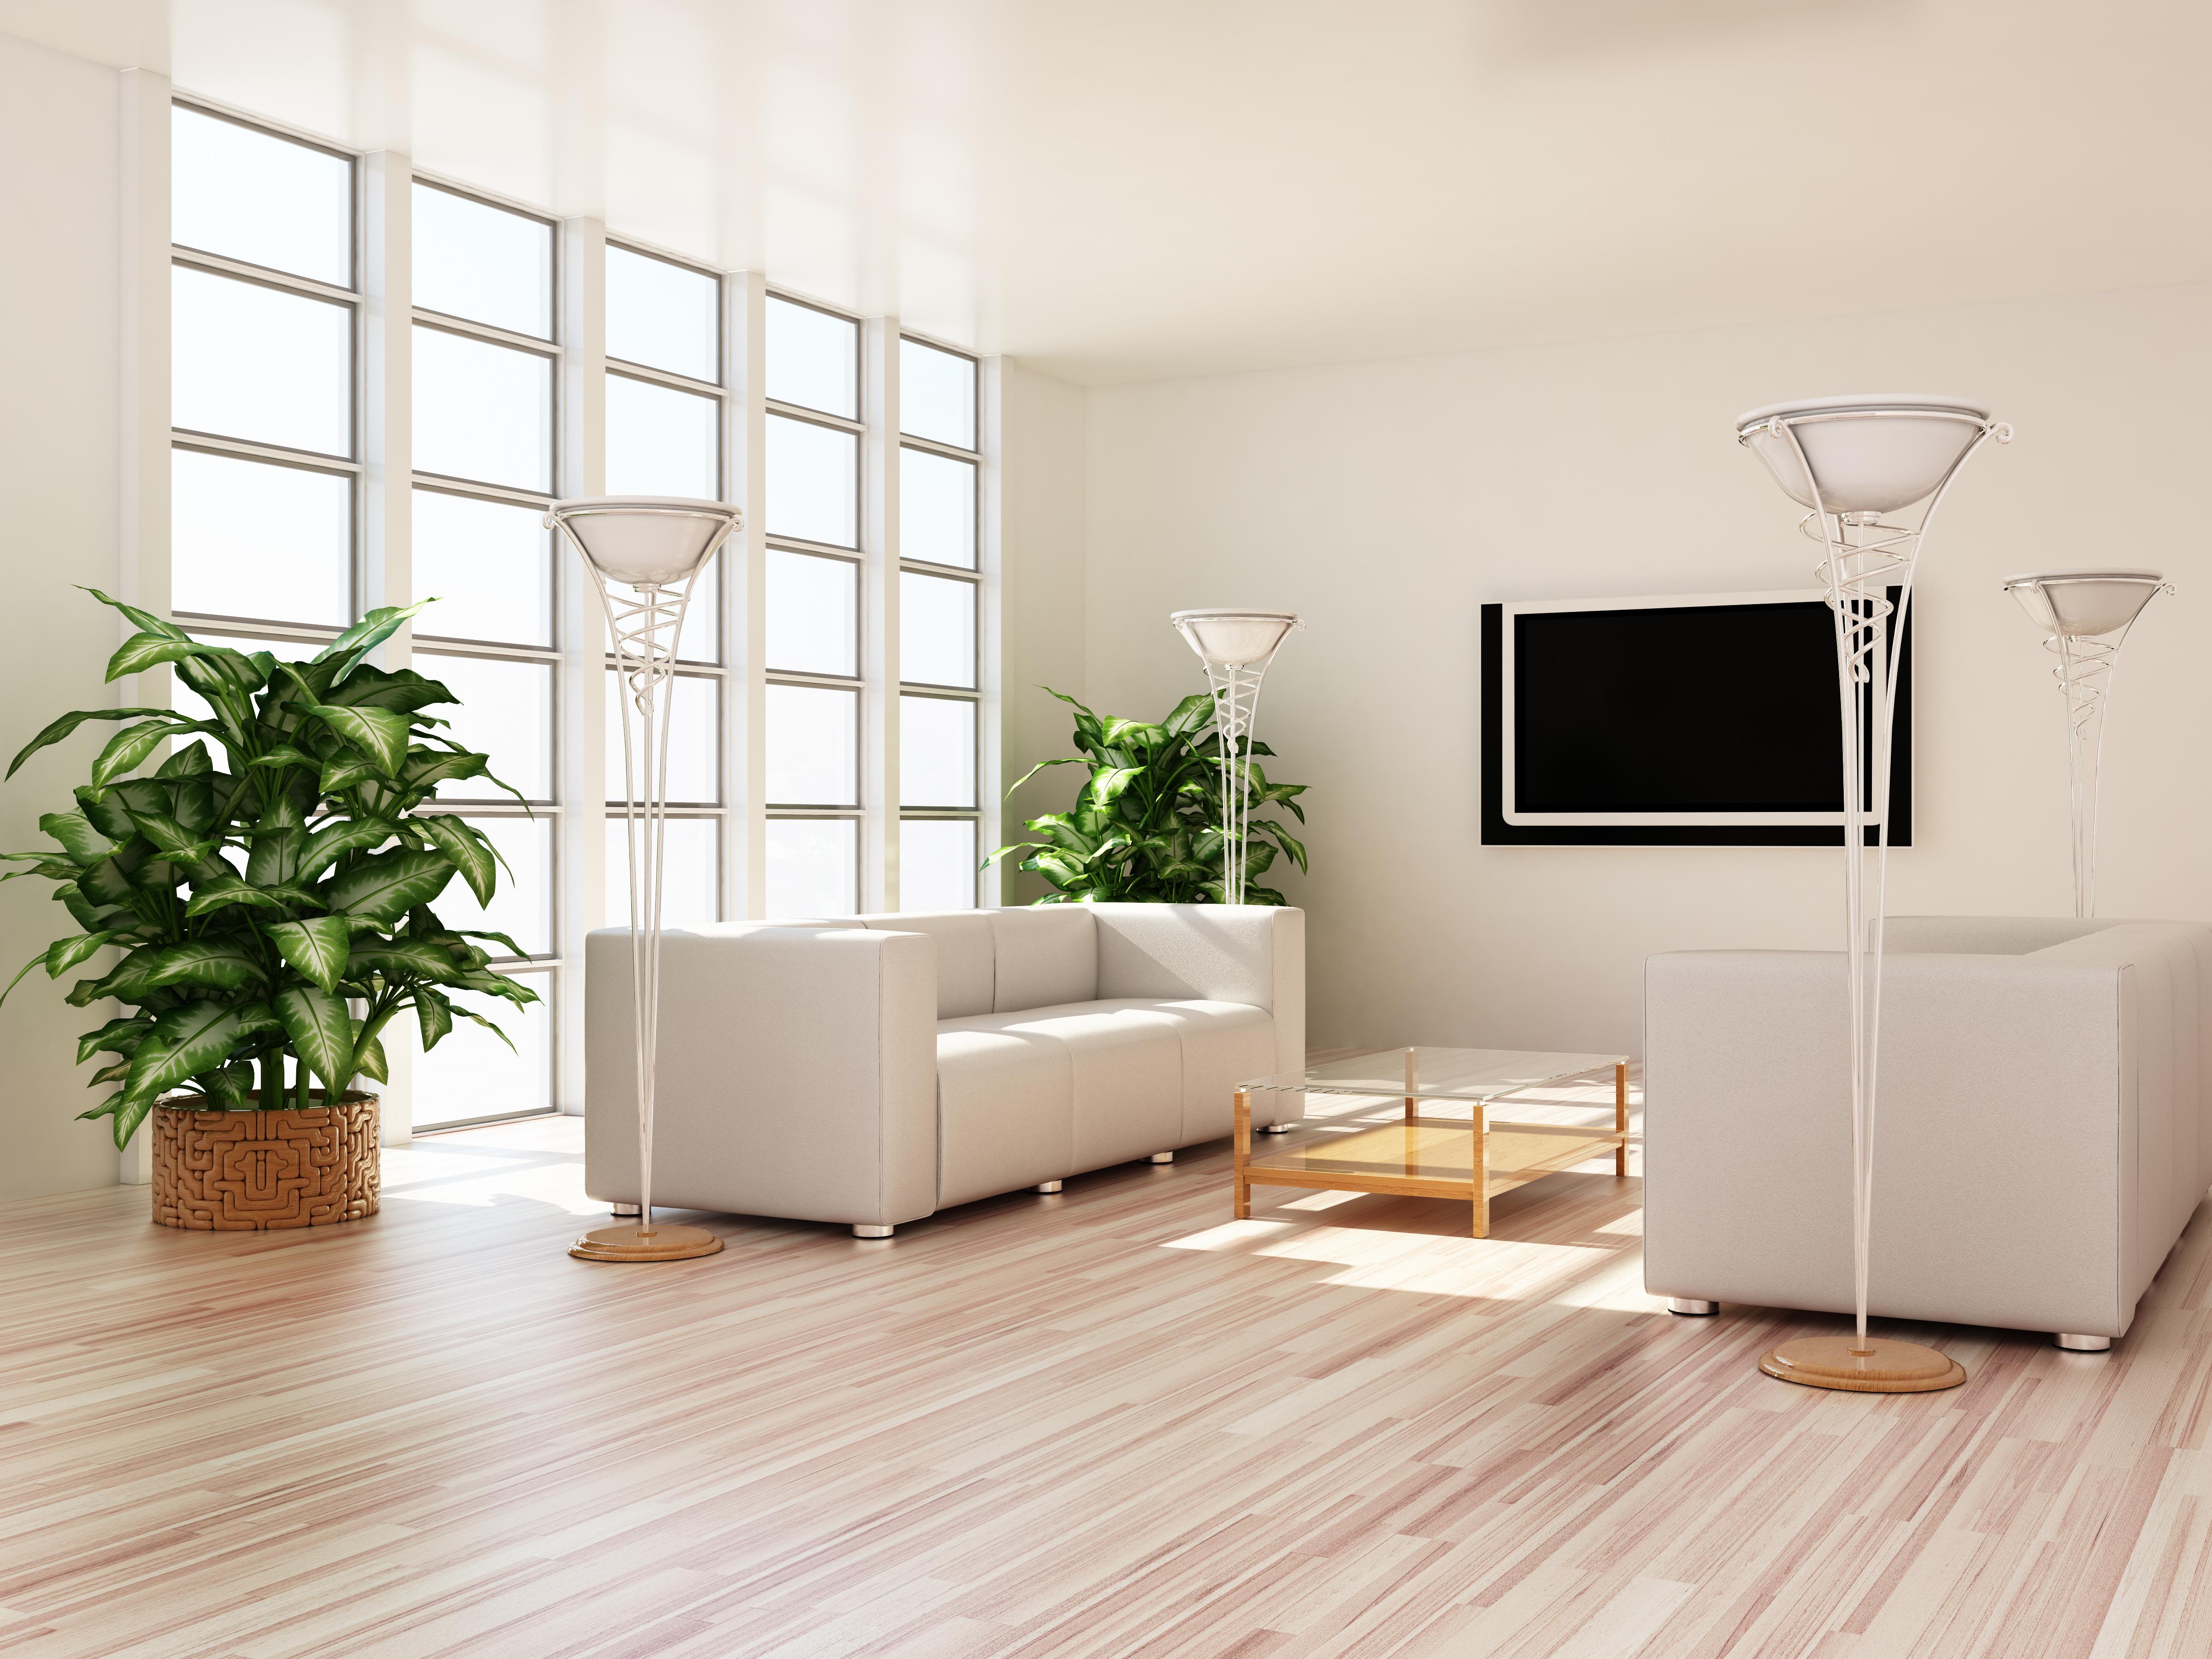 [怎样装修电视墙?简单实用小几步]简单实用电视墙